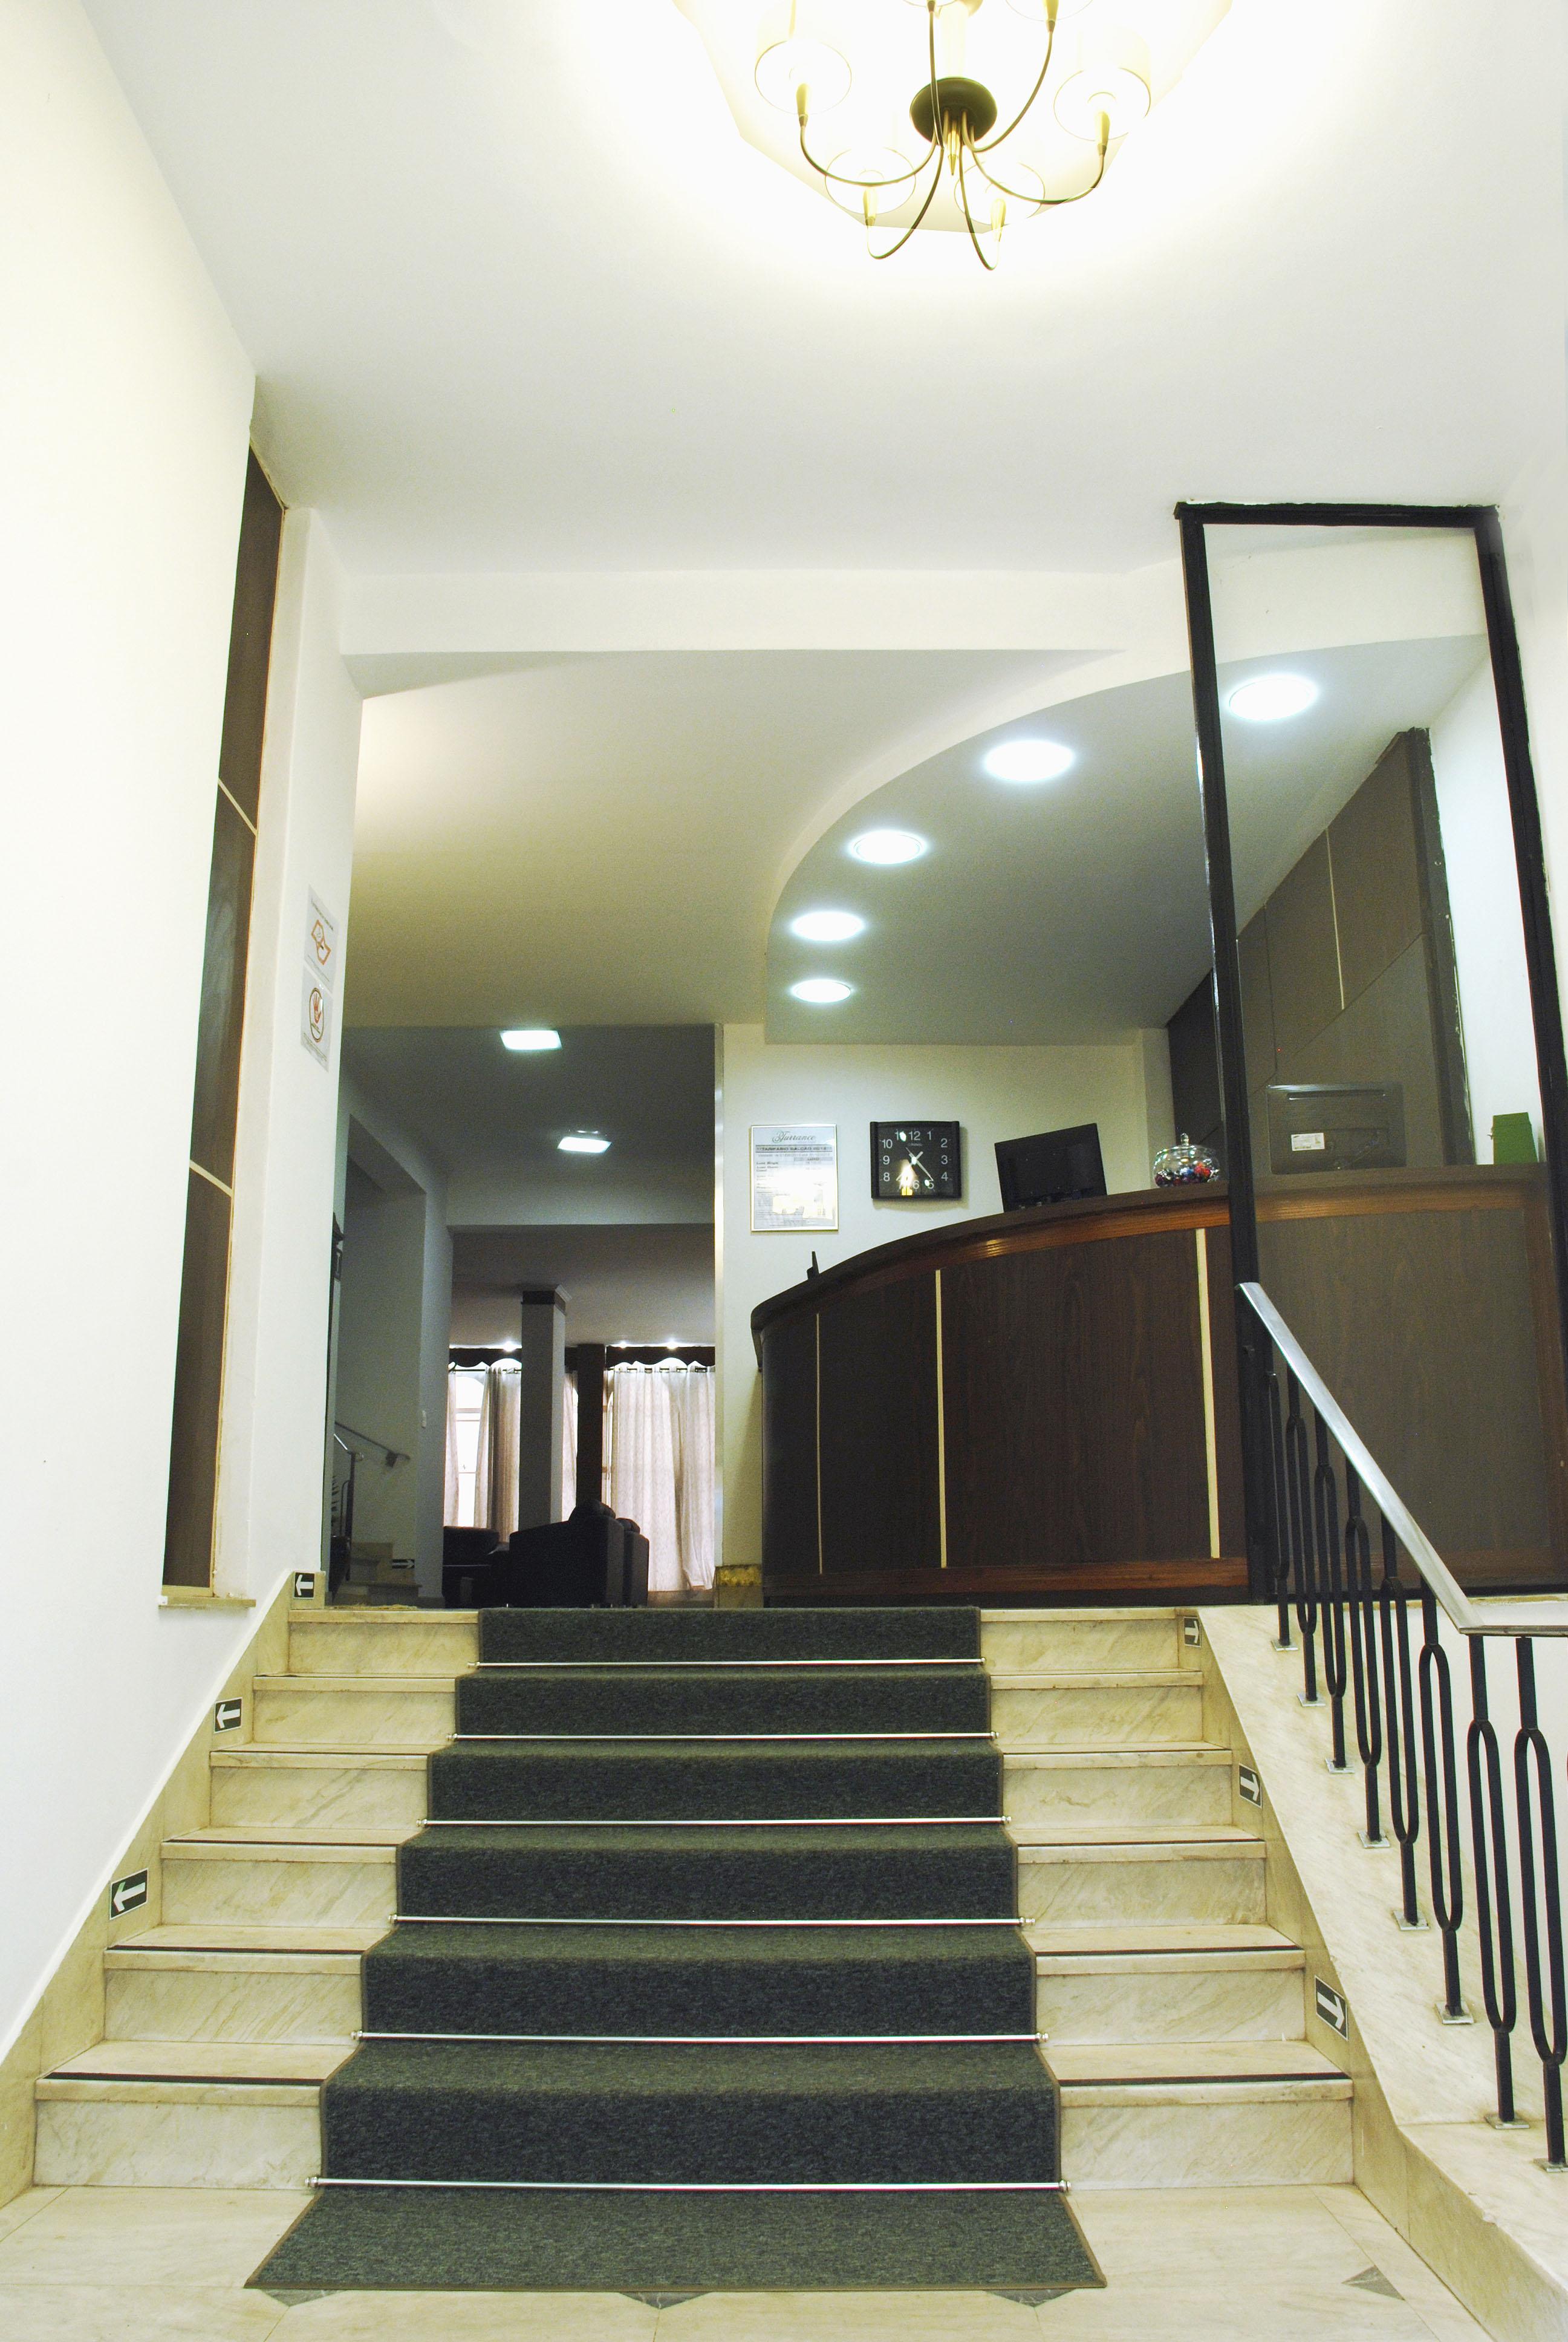 acesso-ao-hotel01.jpg